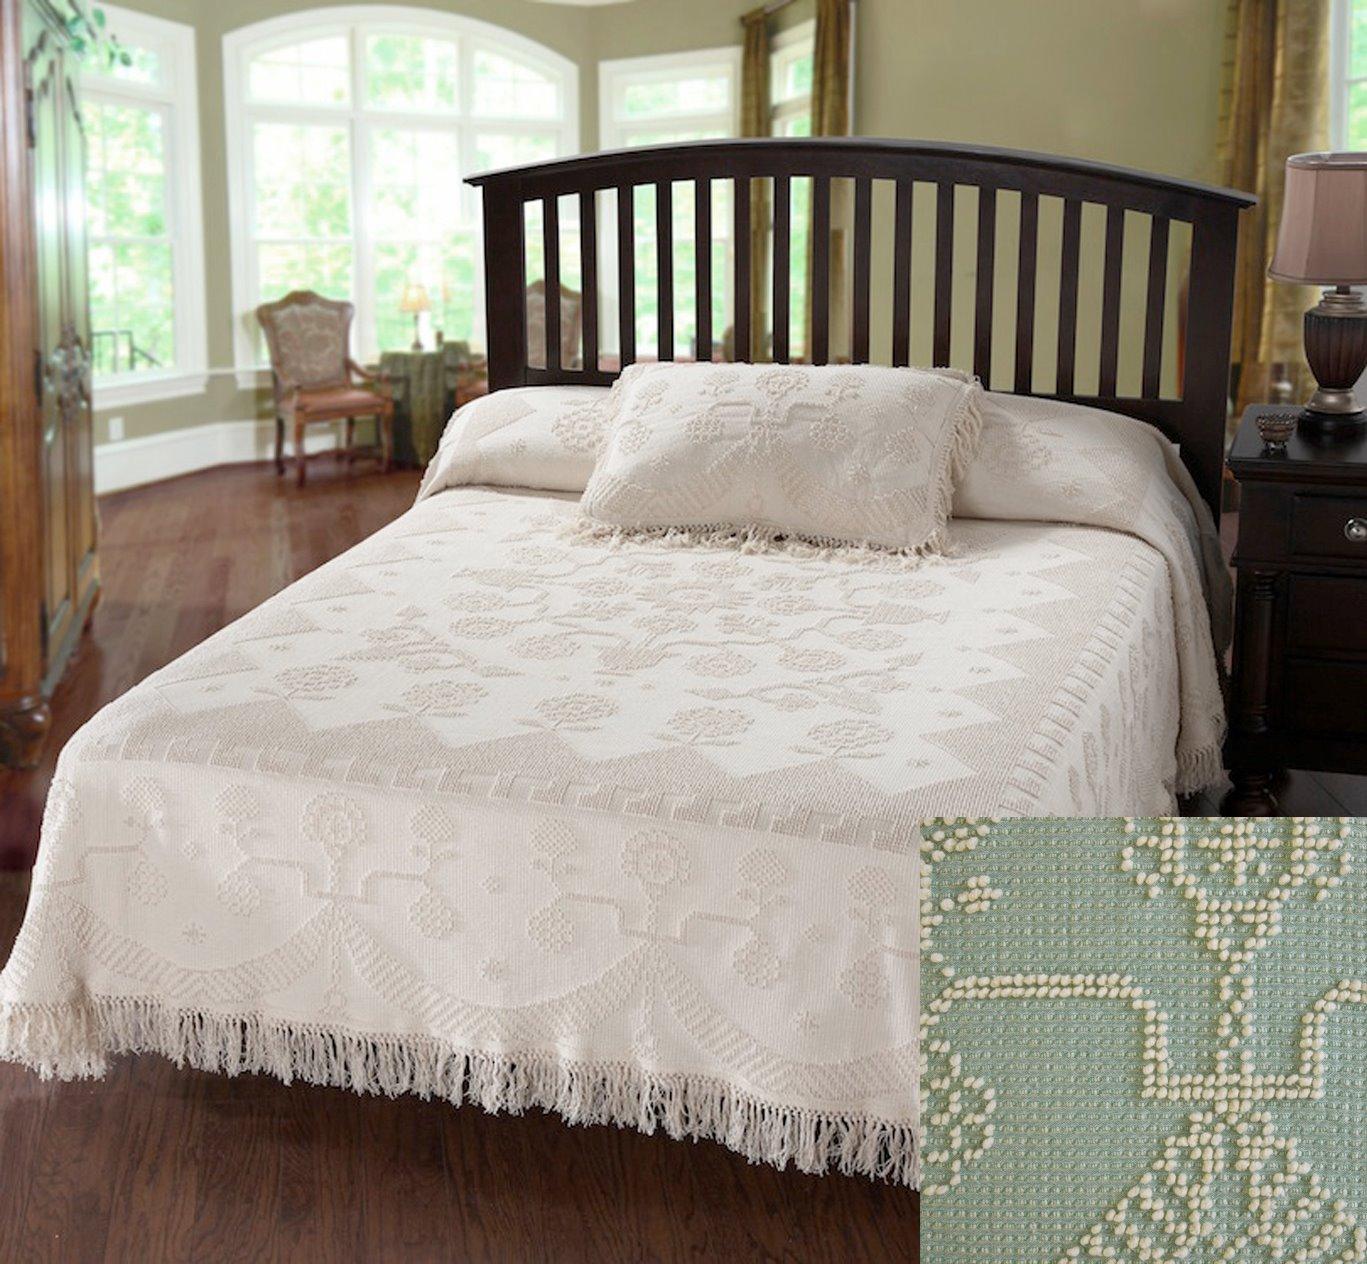 George Washington Bedspread King Sage